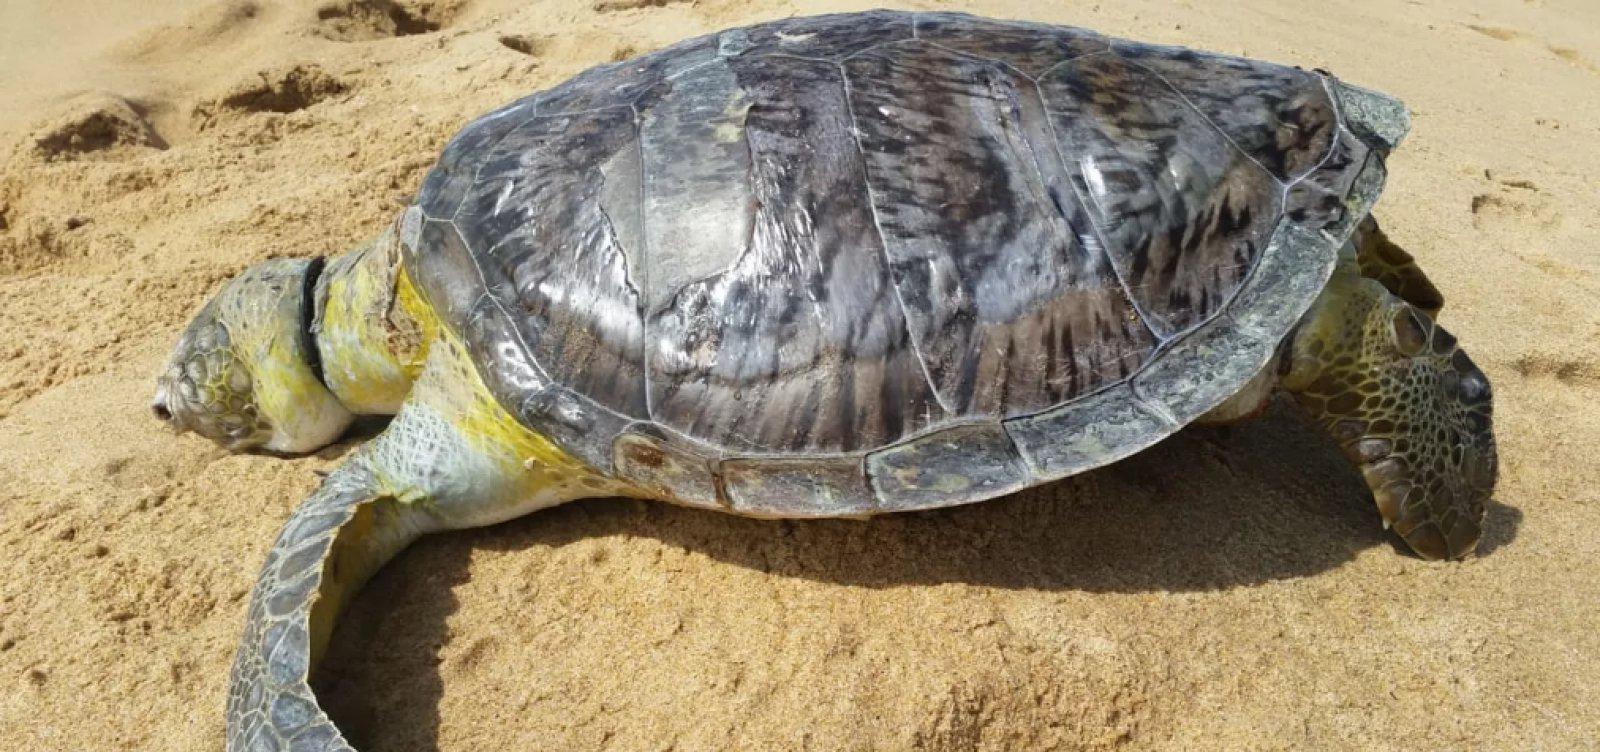 [Três tartarugas marinhas são encontradas mortas em praias do sul do estado]